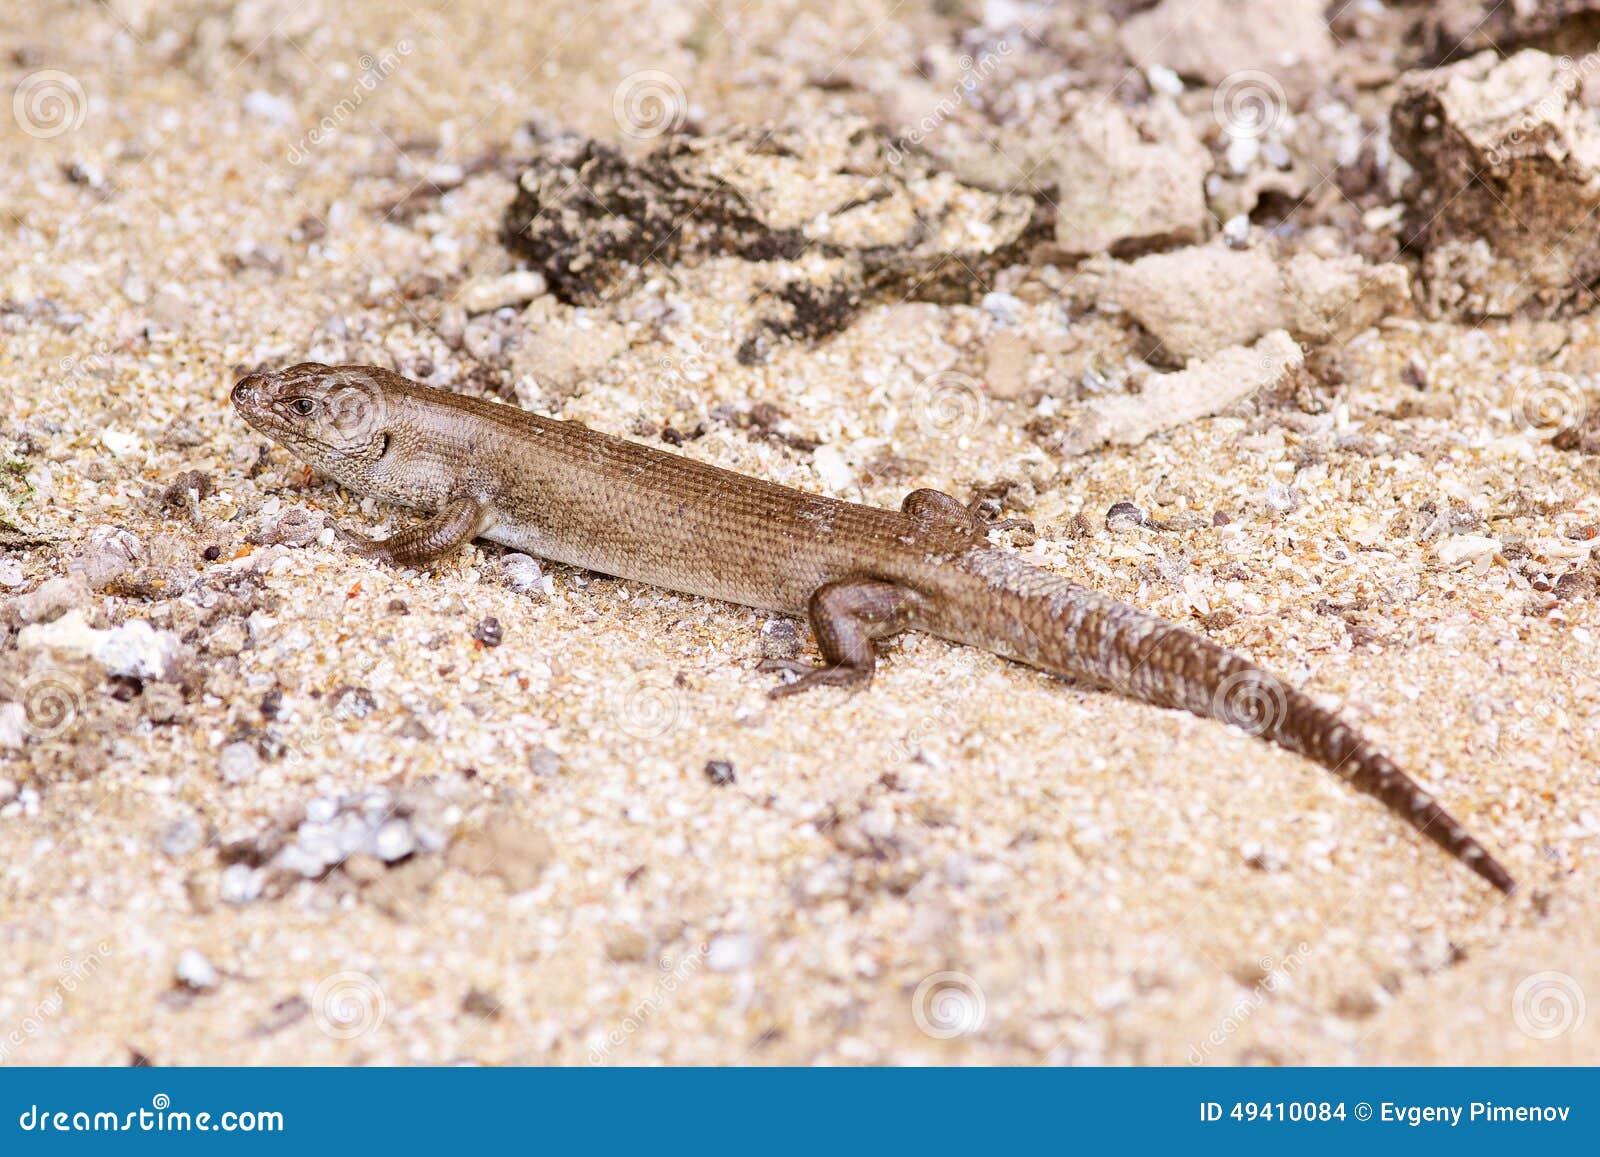 Download Eidechse Auf Dem Strand In West-Australien Stockfoto - Bild von bereich, wüste: 49410084